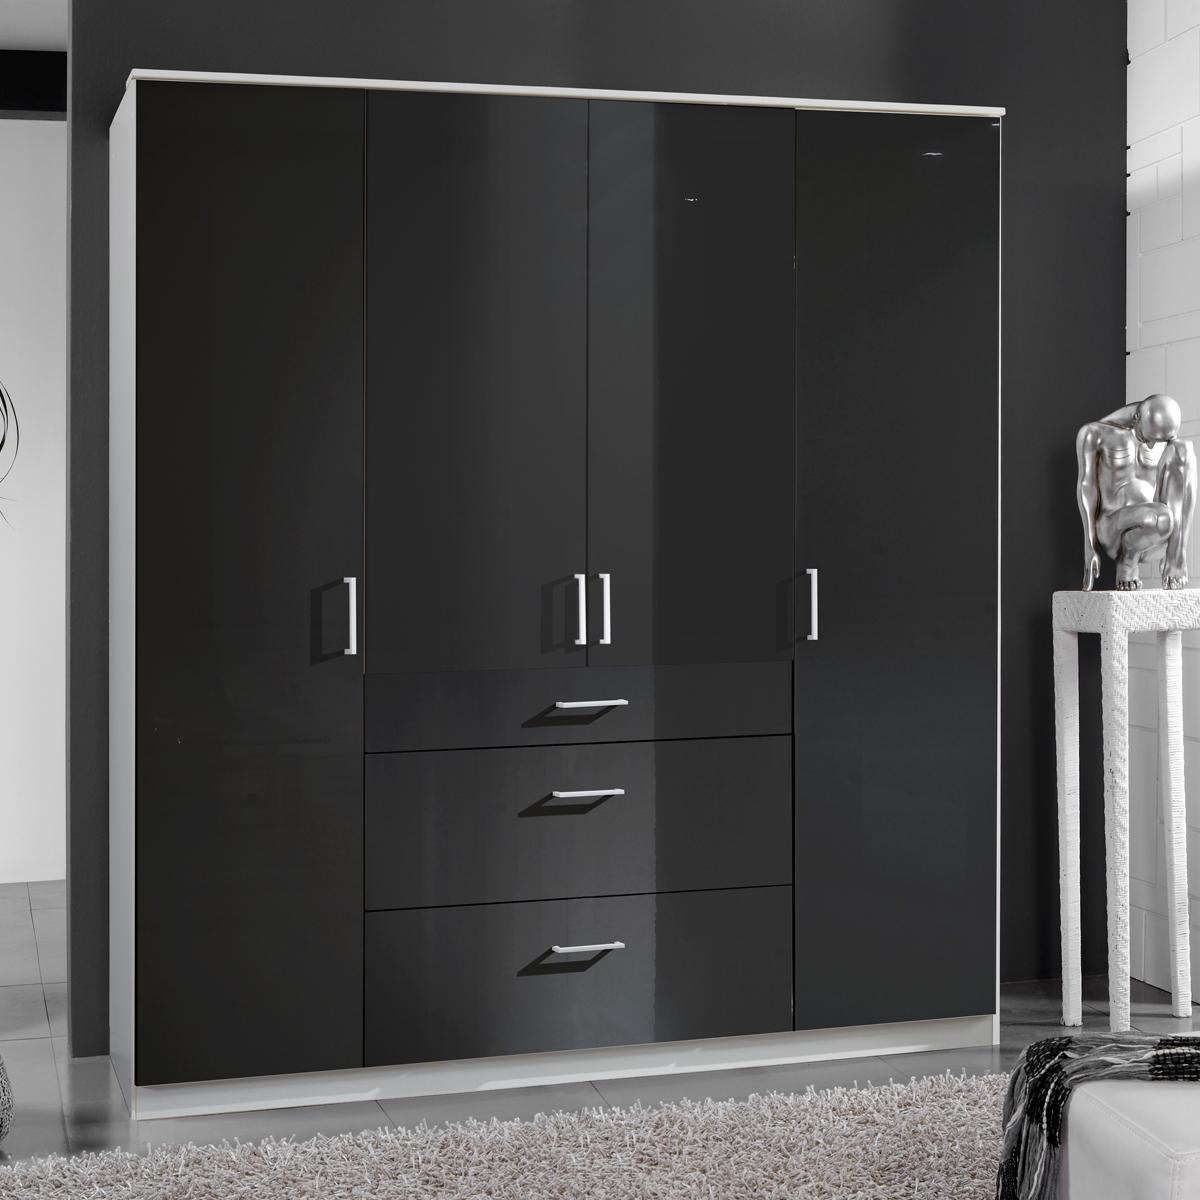 kleiderschrank clack dreht renschrank in hochglanz schwarz alpinwei 180 cm ebay. Black Bedroom Furniture Sets. Home Design Ideas